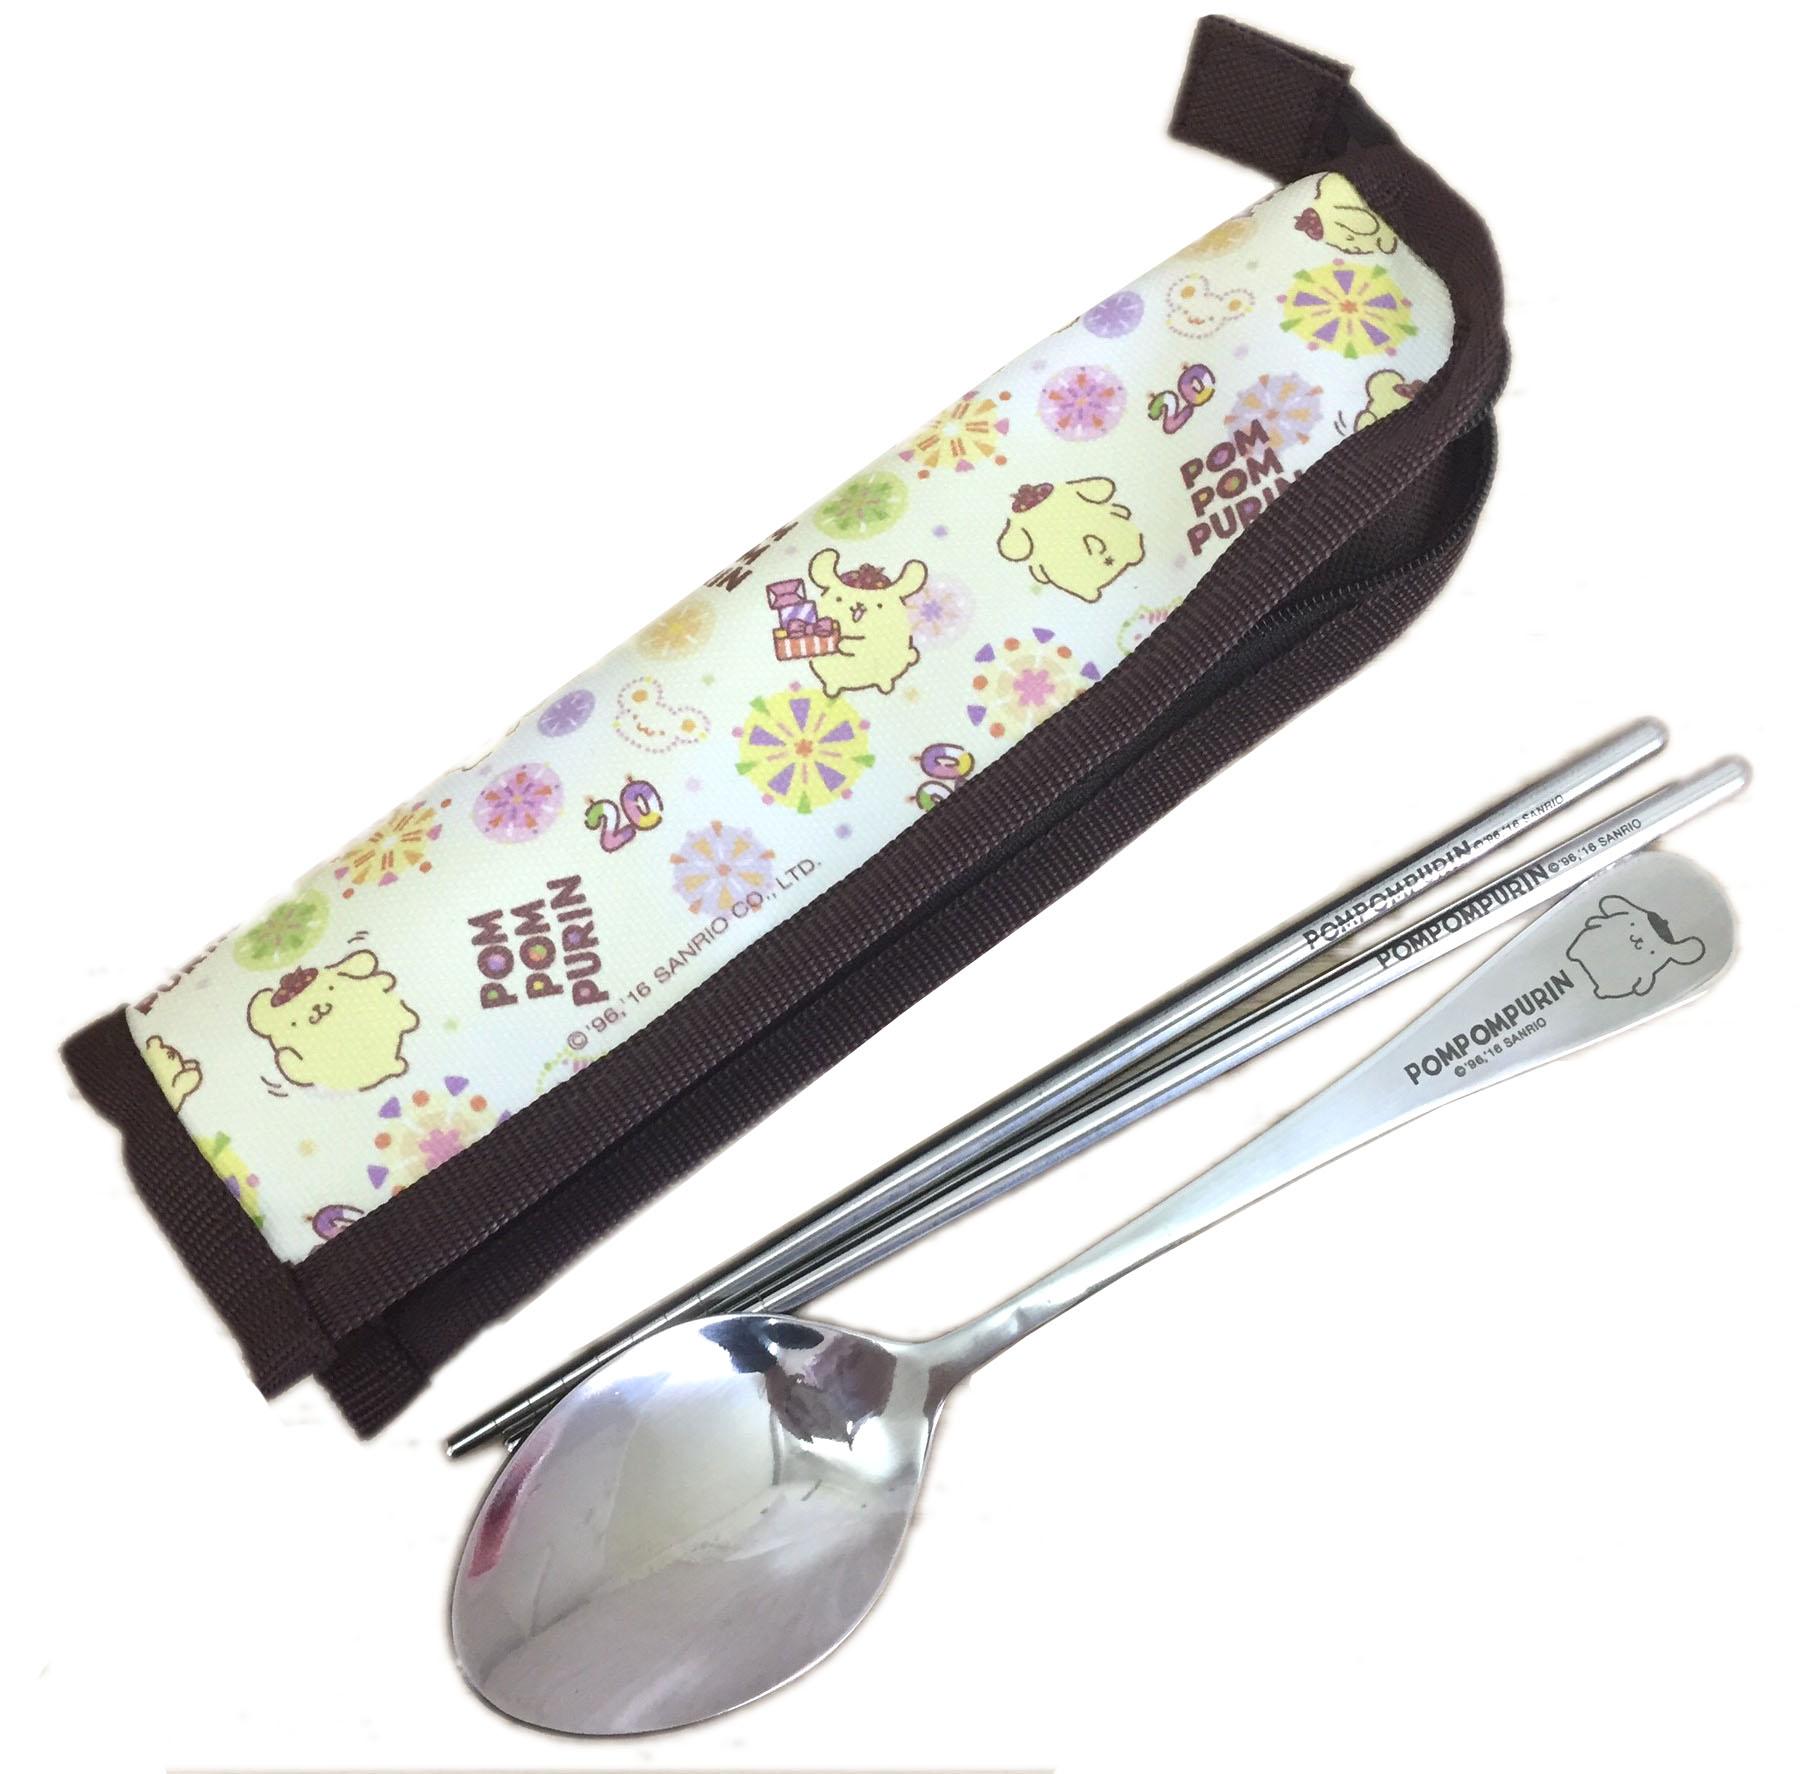 【真愛日本】16071300001環保餐具組-布丁狗  三麗鷗家族 布丁狗  餐具 生活用品